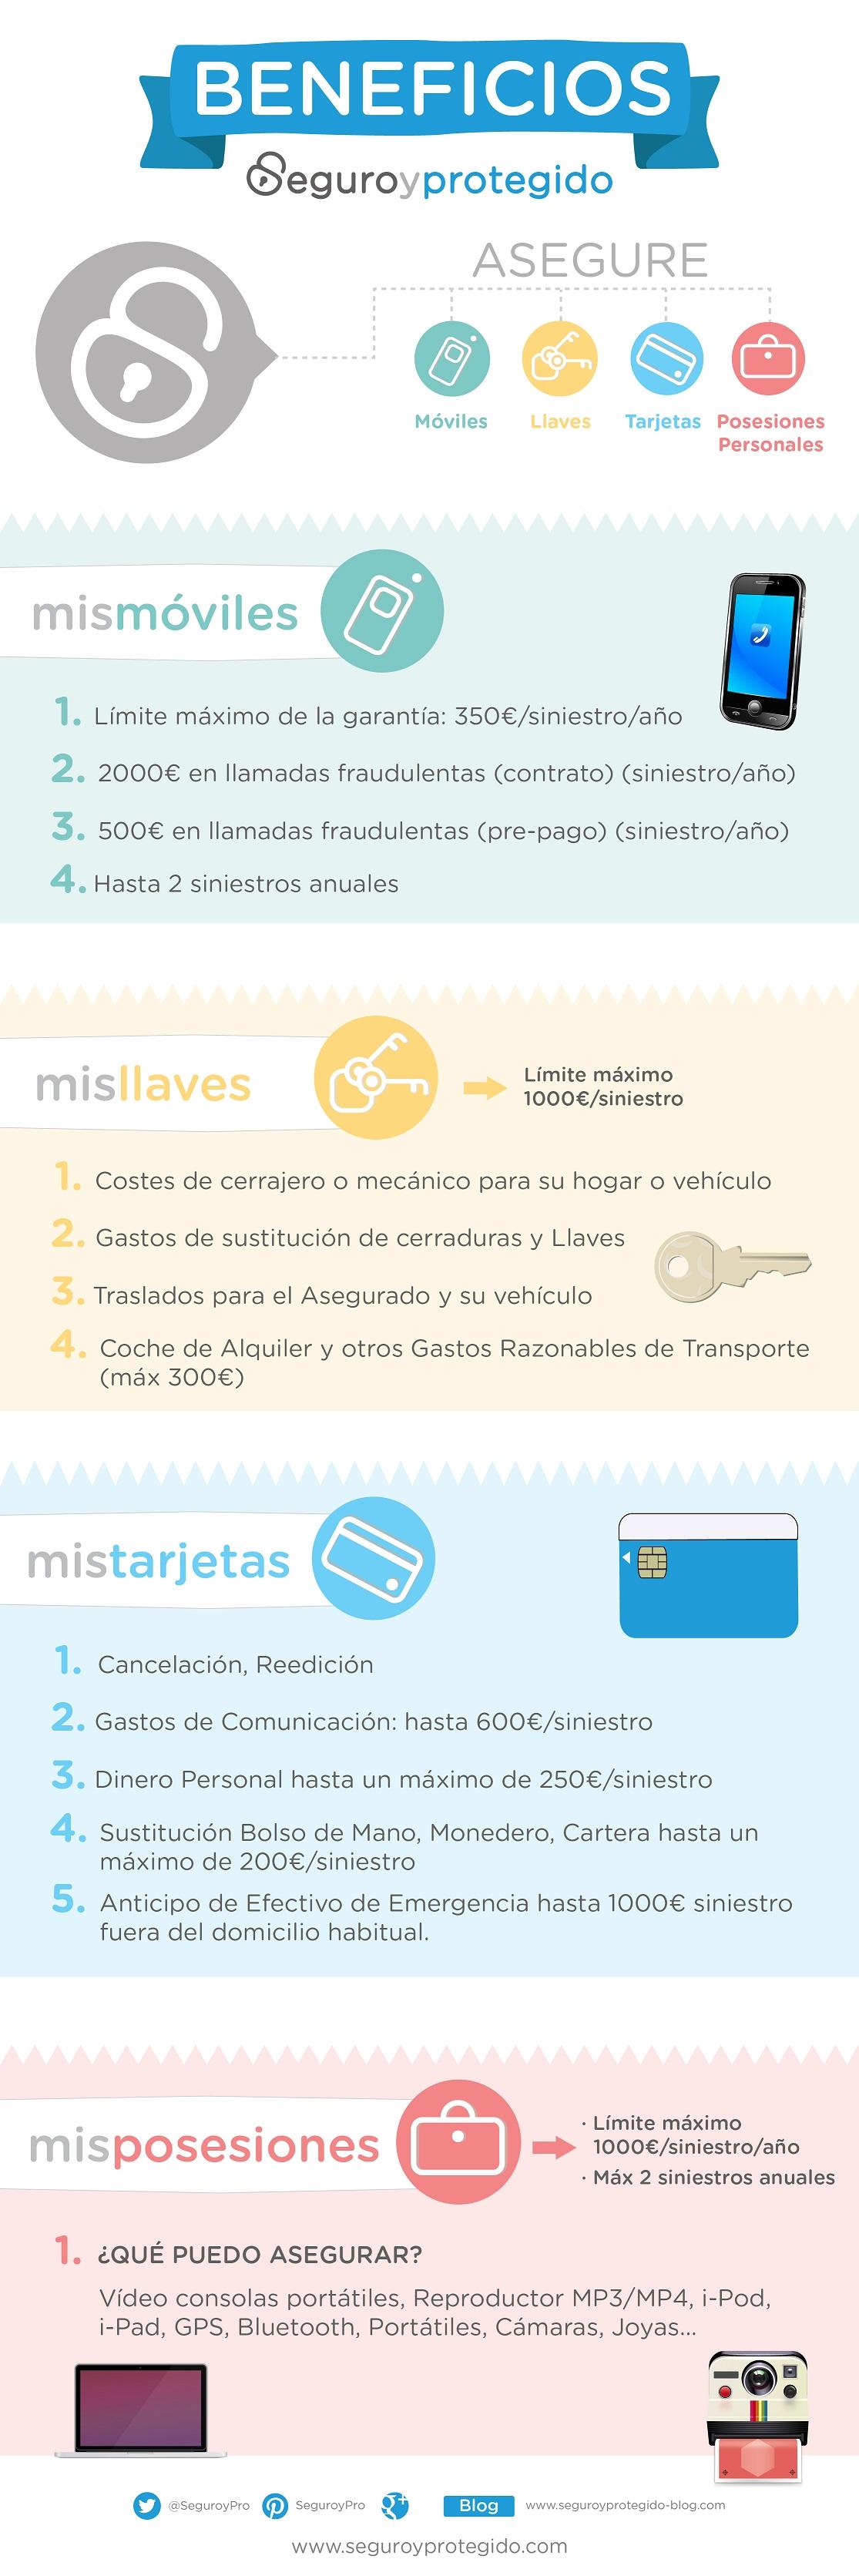 Beneficios de SeguroyProtegido - infografía